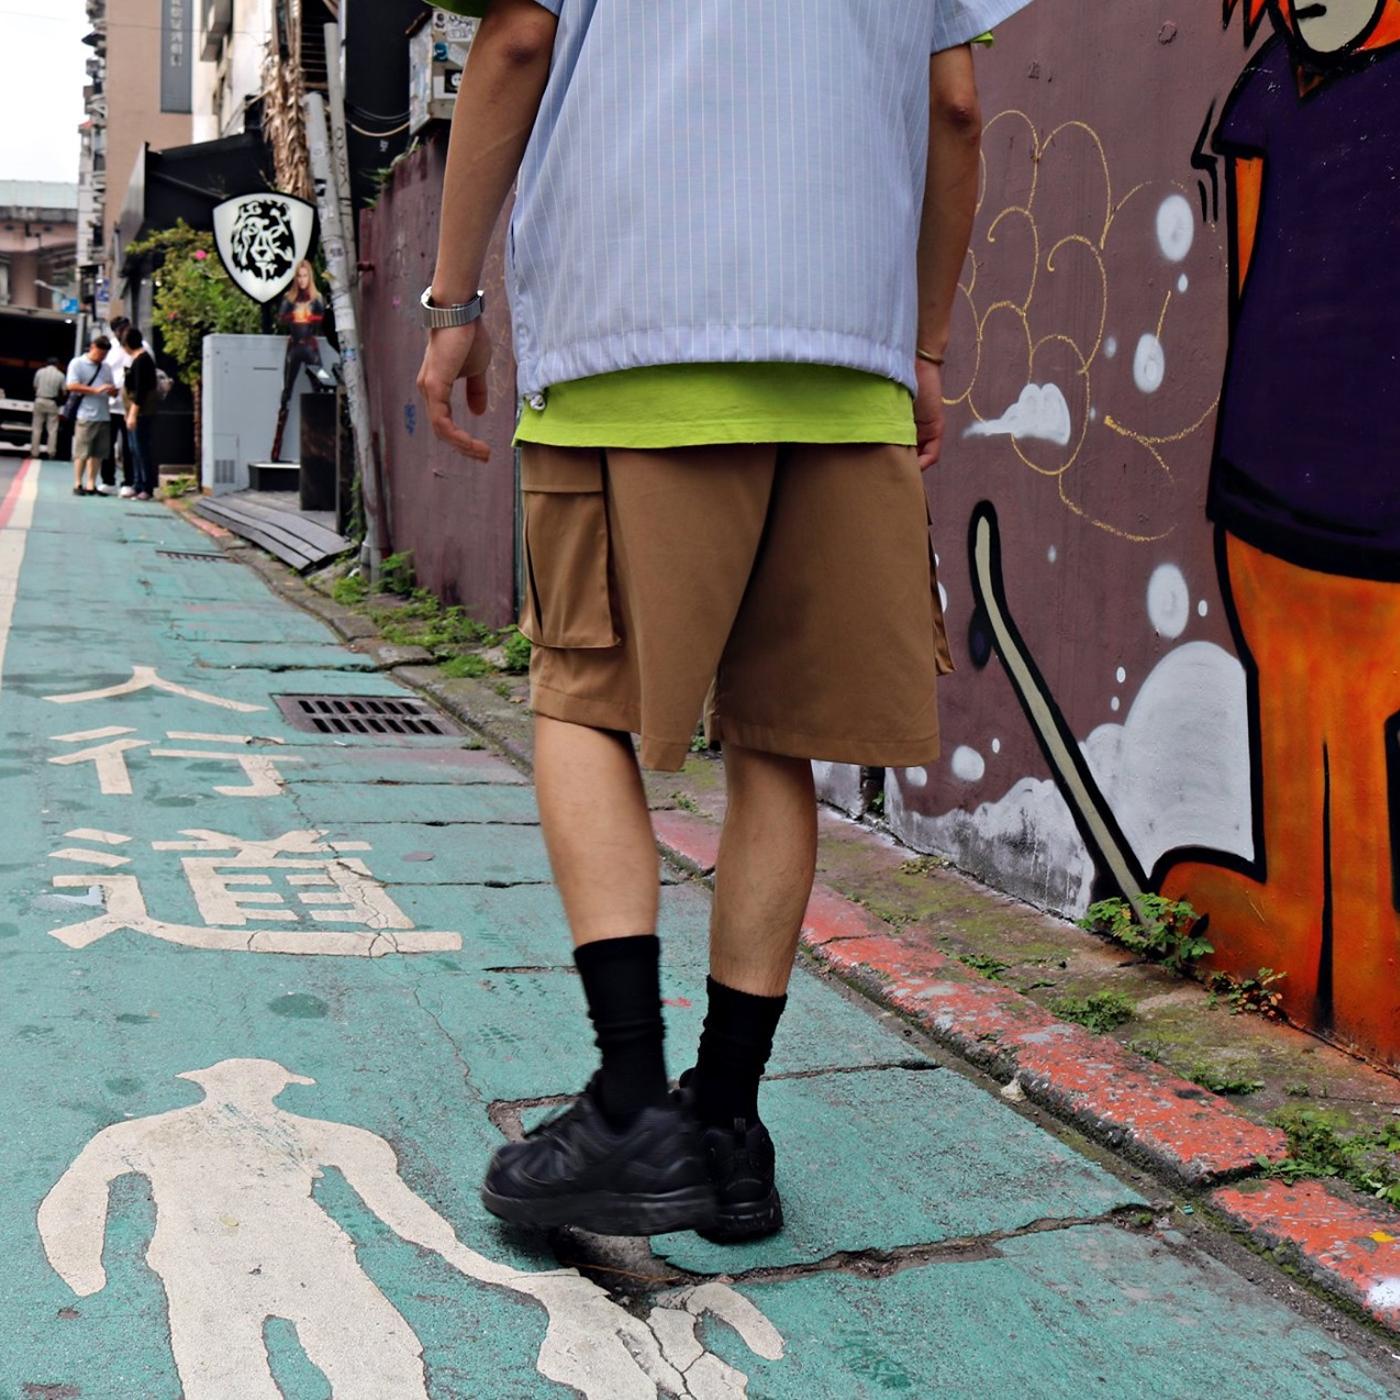 短褲,短褲 男,短褲推薦,短褲搭配,短褲穿搭,短褲穿搭男,短褲品牌